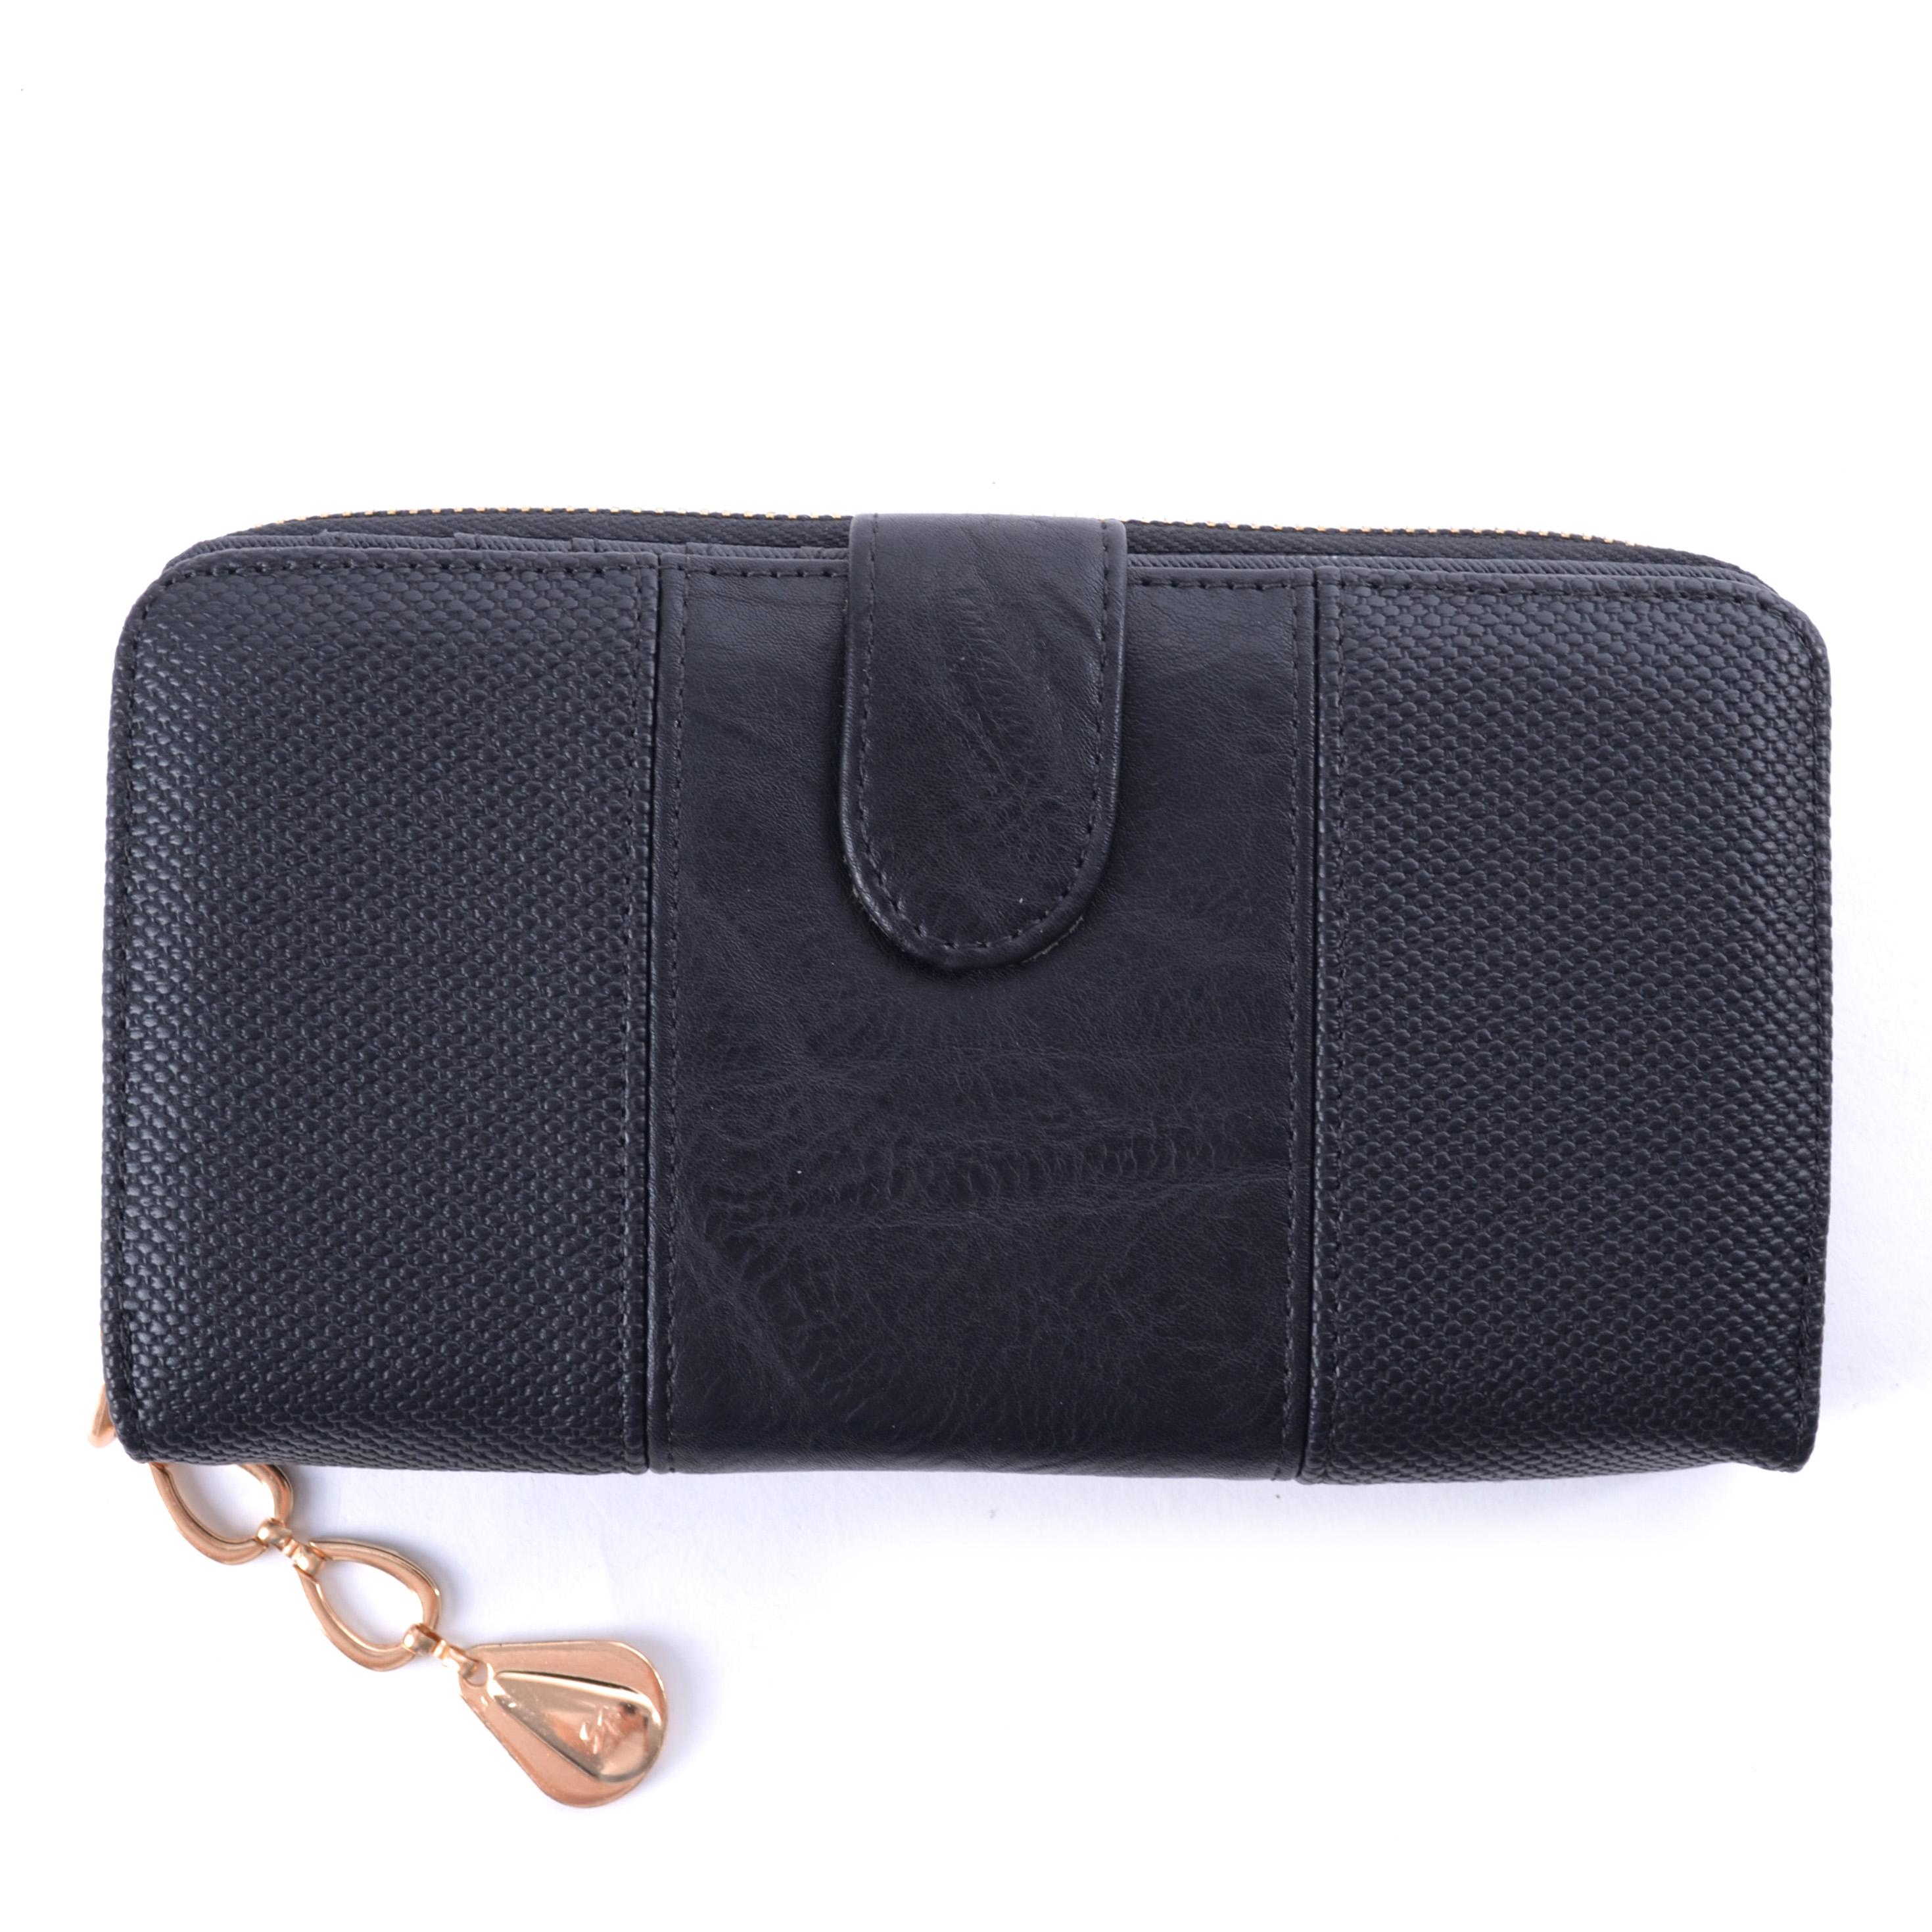 Női Műbőr Pénztárca Fekete - NŐI PÉNZTÁRCÁK - Táska webáruház - Minőségi  táskák mindenkinek 5bd76005d3